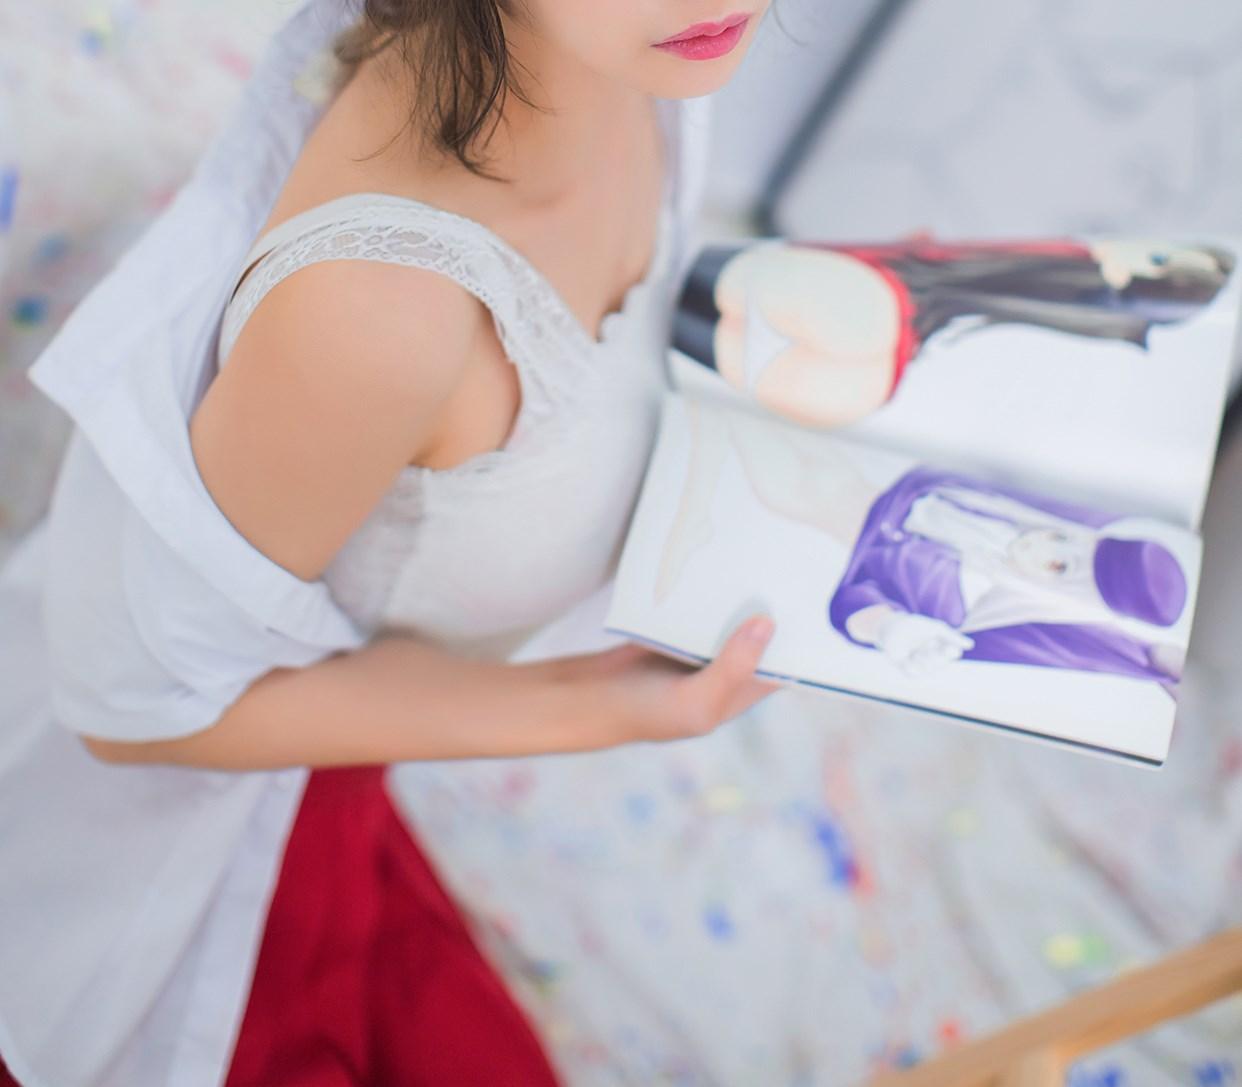 【兔玩映画】黑丝 · JK · 少女 兔玩映画 第24张